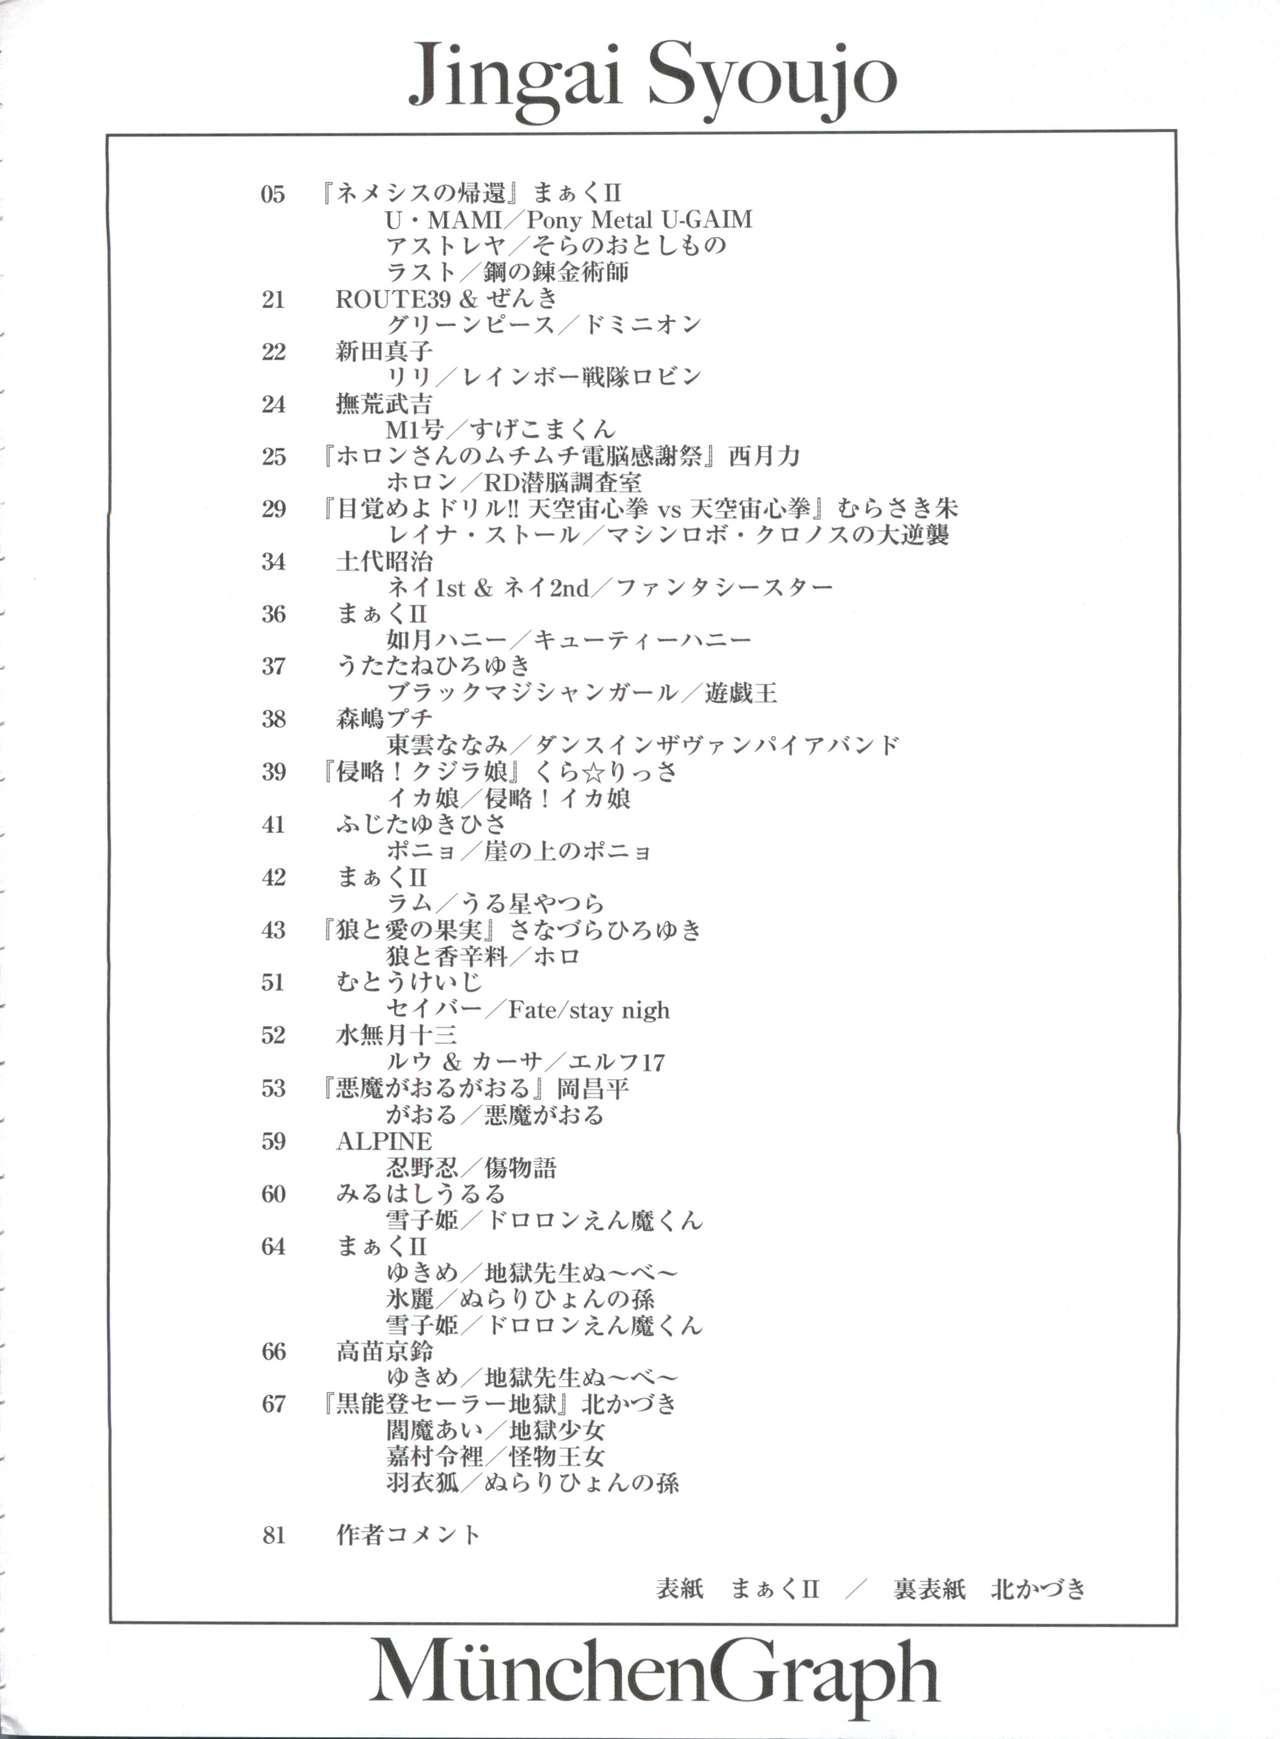 Jingai Shoujo 2